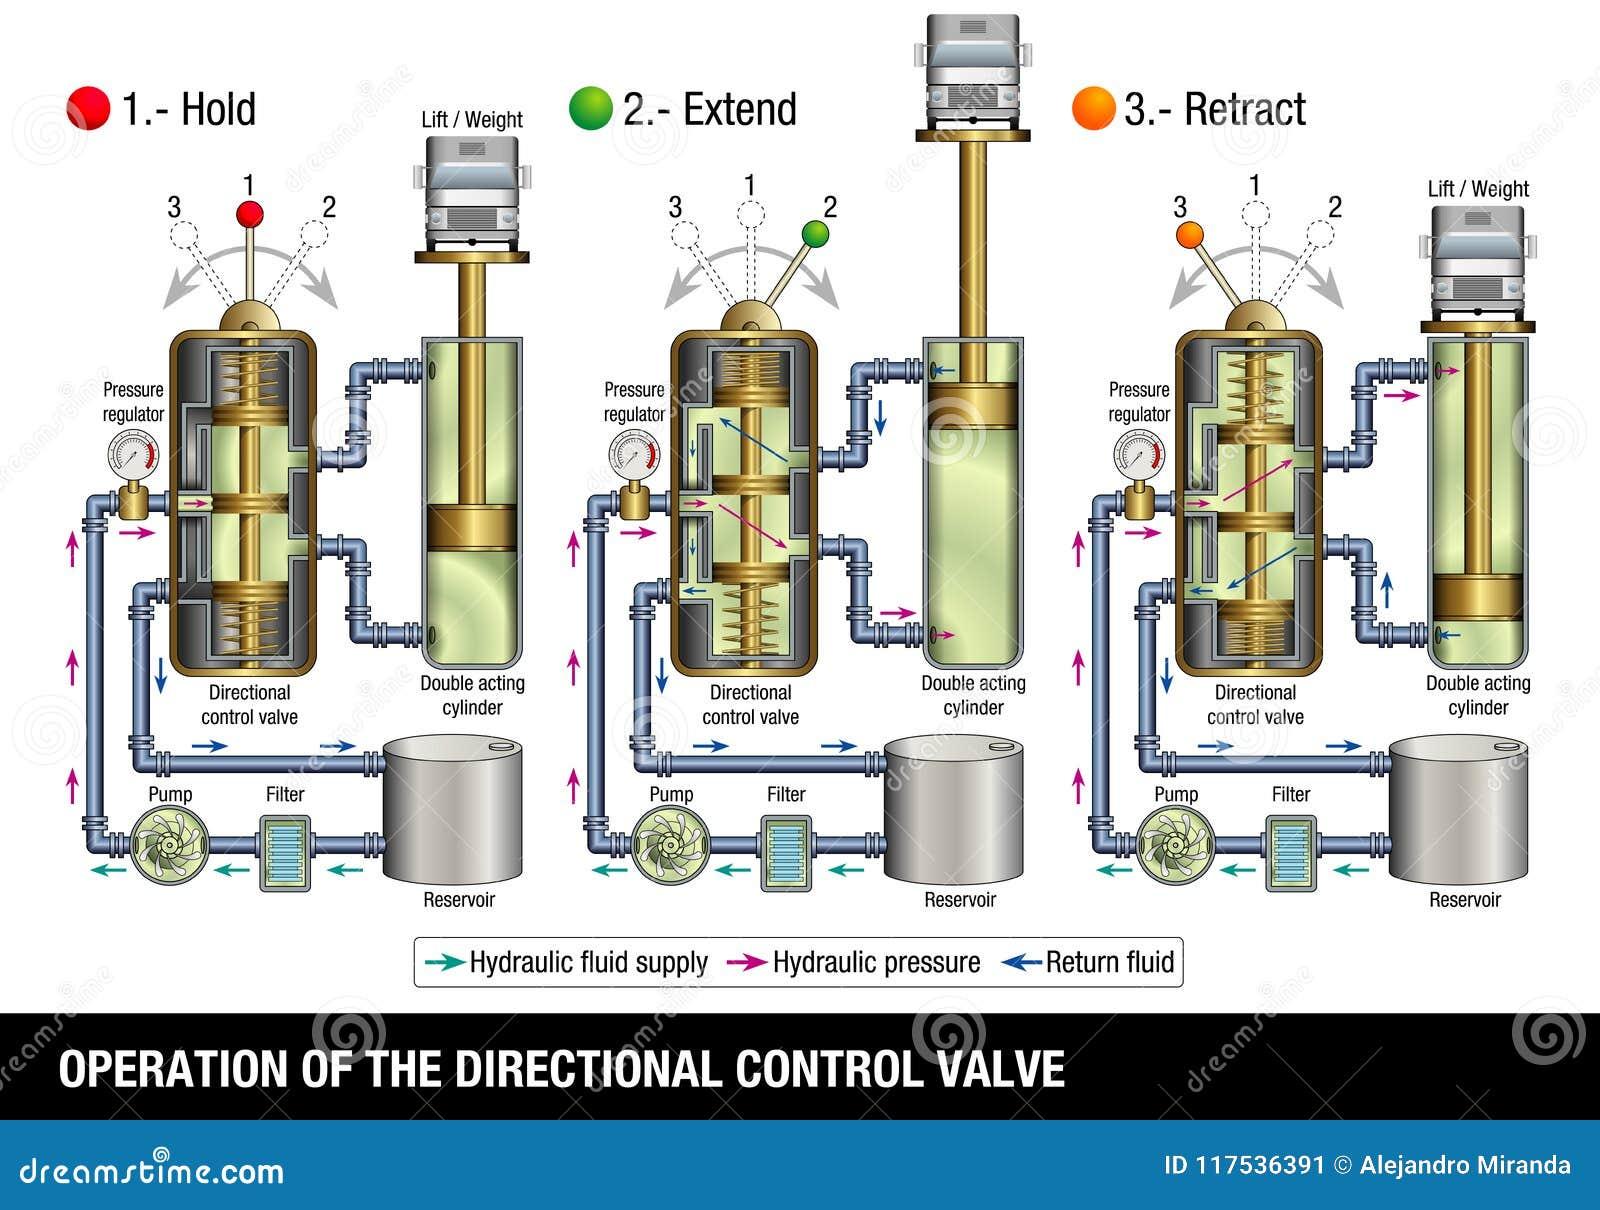 ΛΕΙΤΟΥΡΓΙΑ ΤΗΣ ΚΑΤΕΥΘΥΝΤΙΚΗΣ ΒΑΛΒΙΔΑΣ ΕΛΕΓΧΟΥ Ο γραφικός επεξηγεί πώς η βαλβίδα ελέγχου ενός υδραυλικού συστήματος που ανυψώνει έ